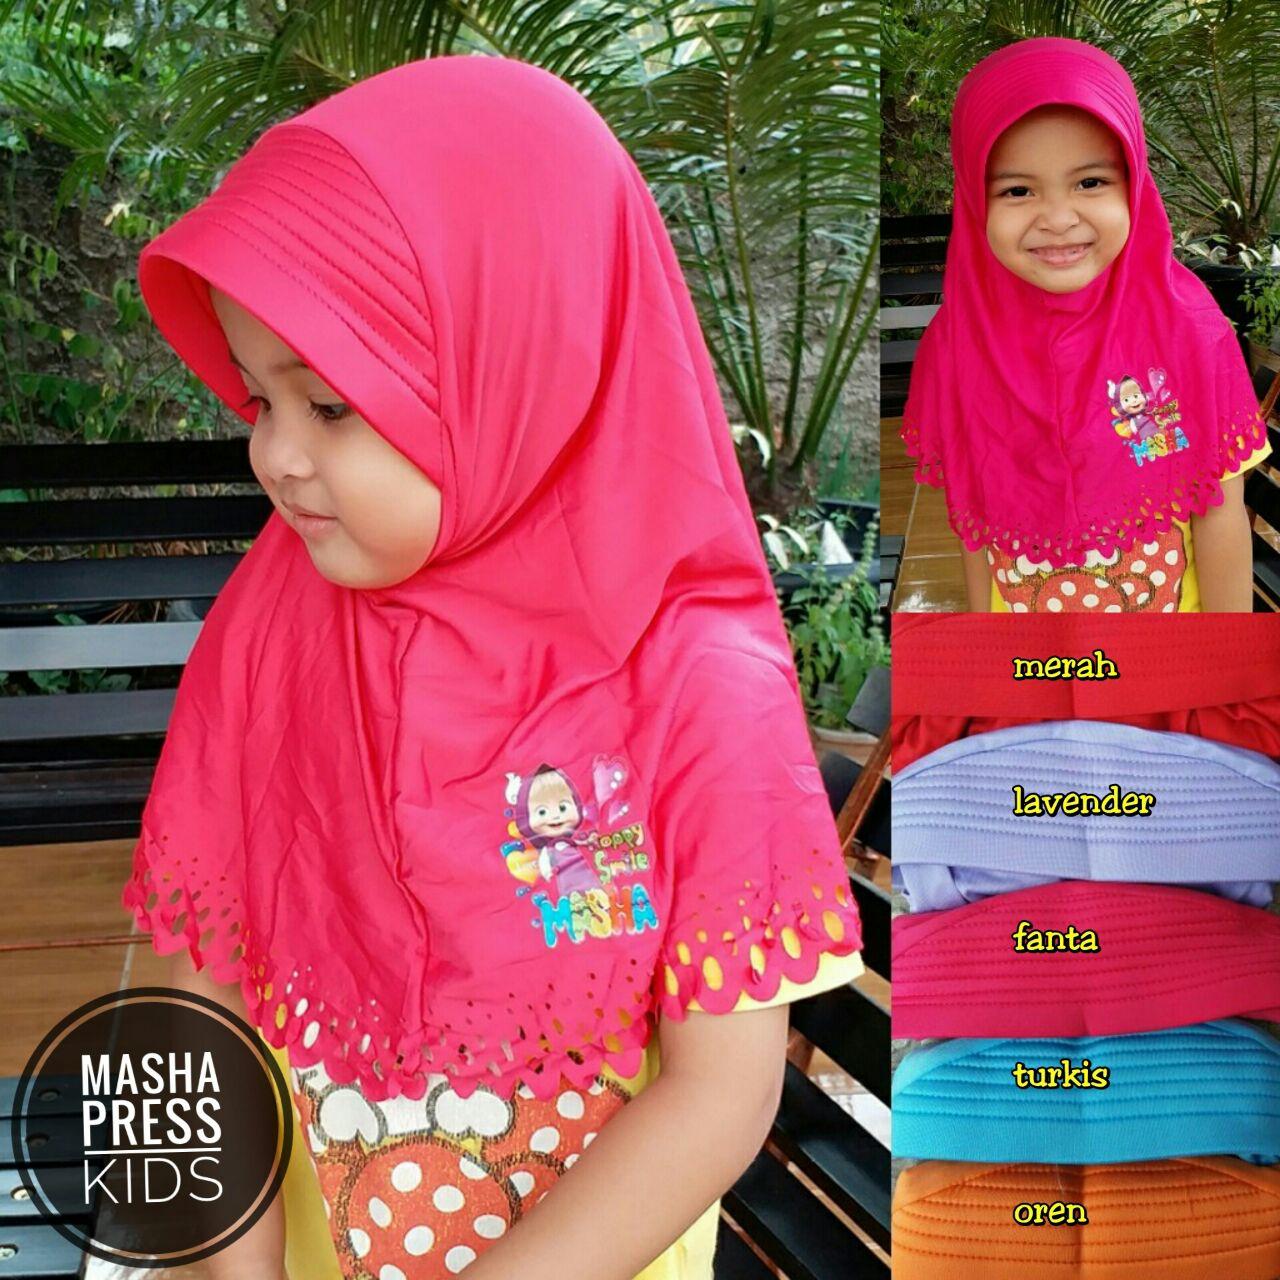 Masha Press 17 19 25 290 SG Jilbab